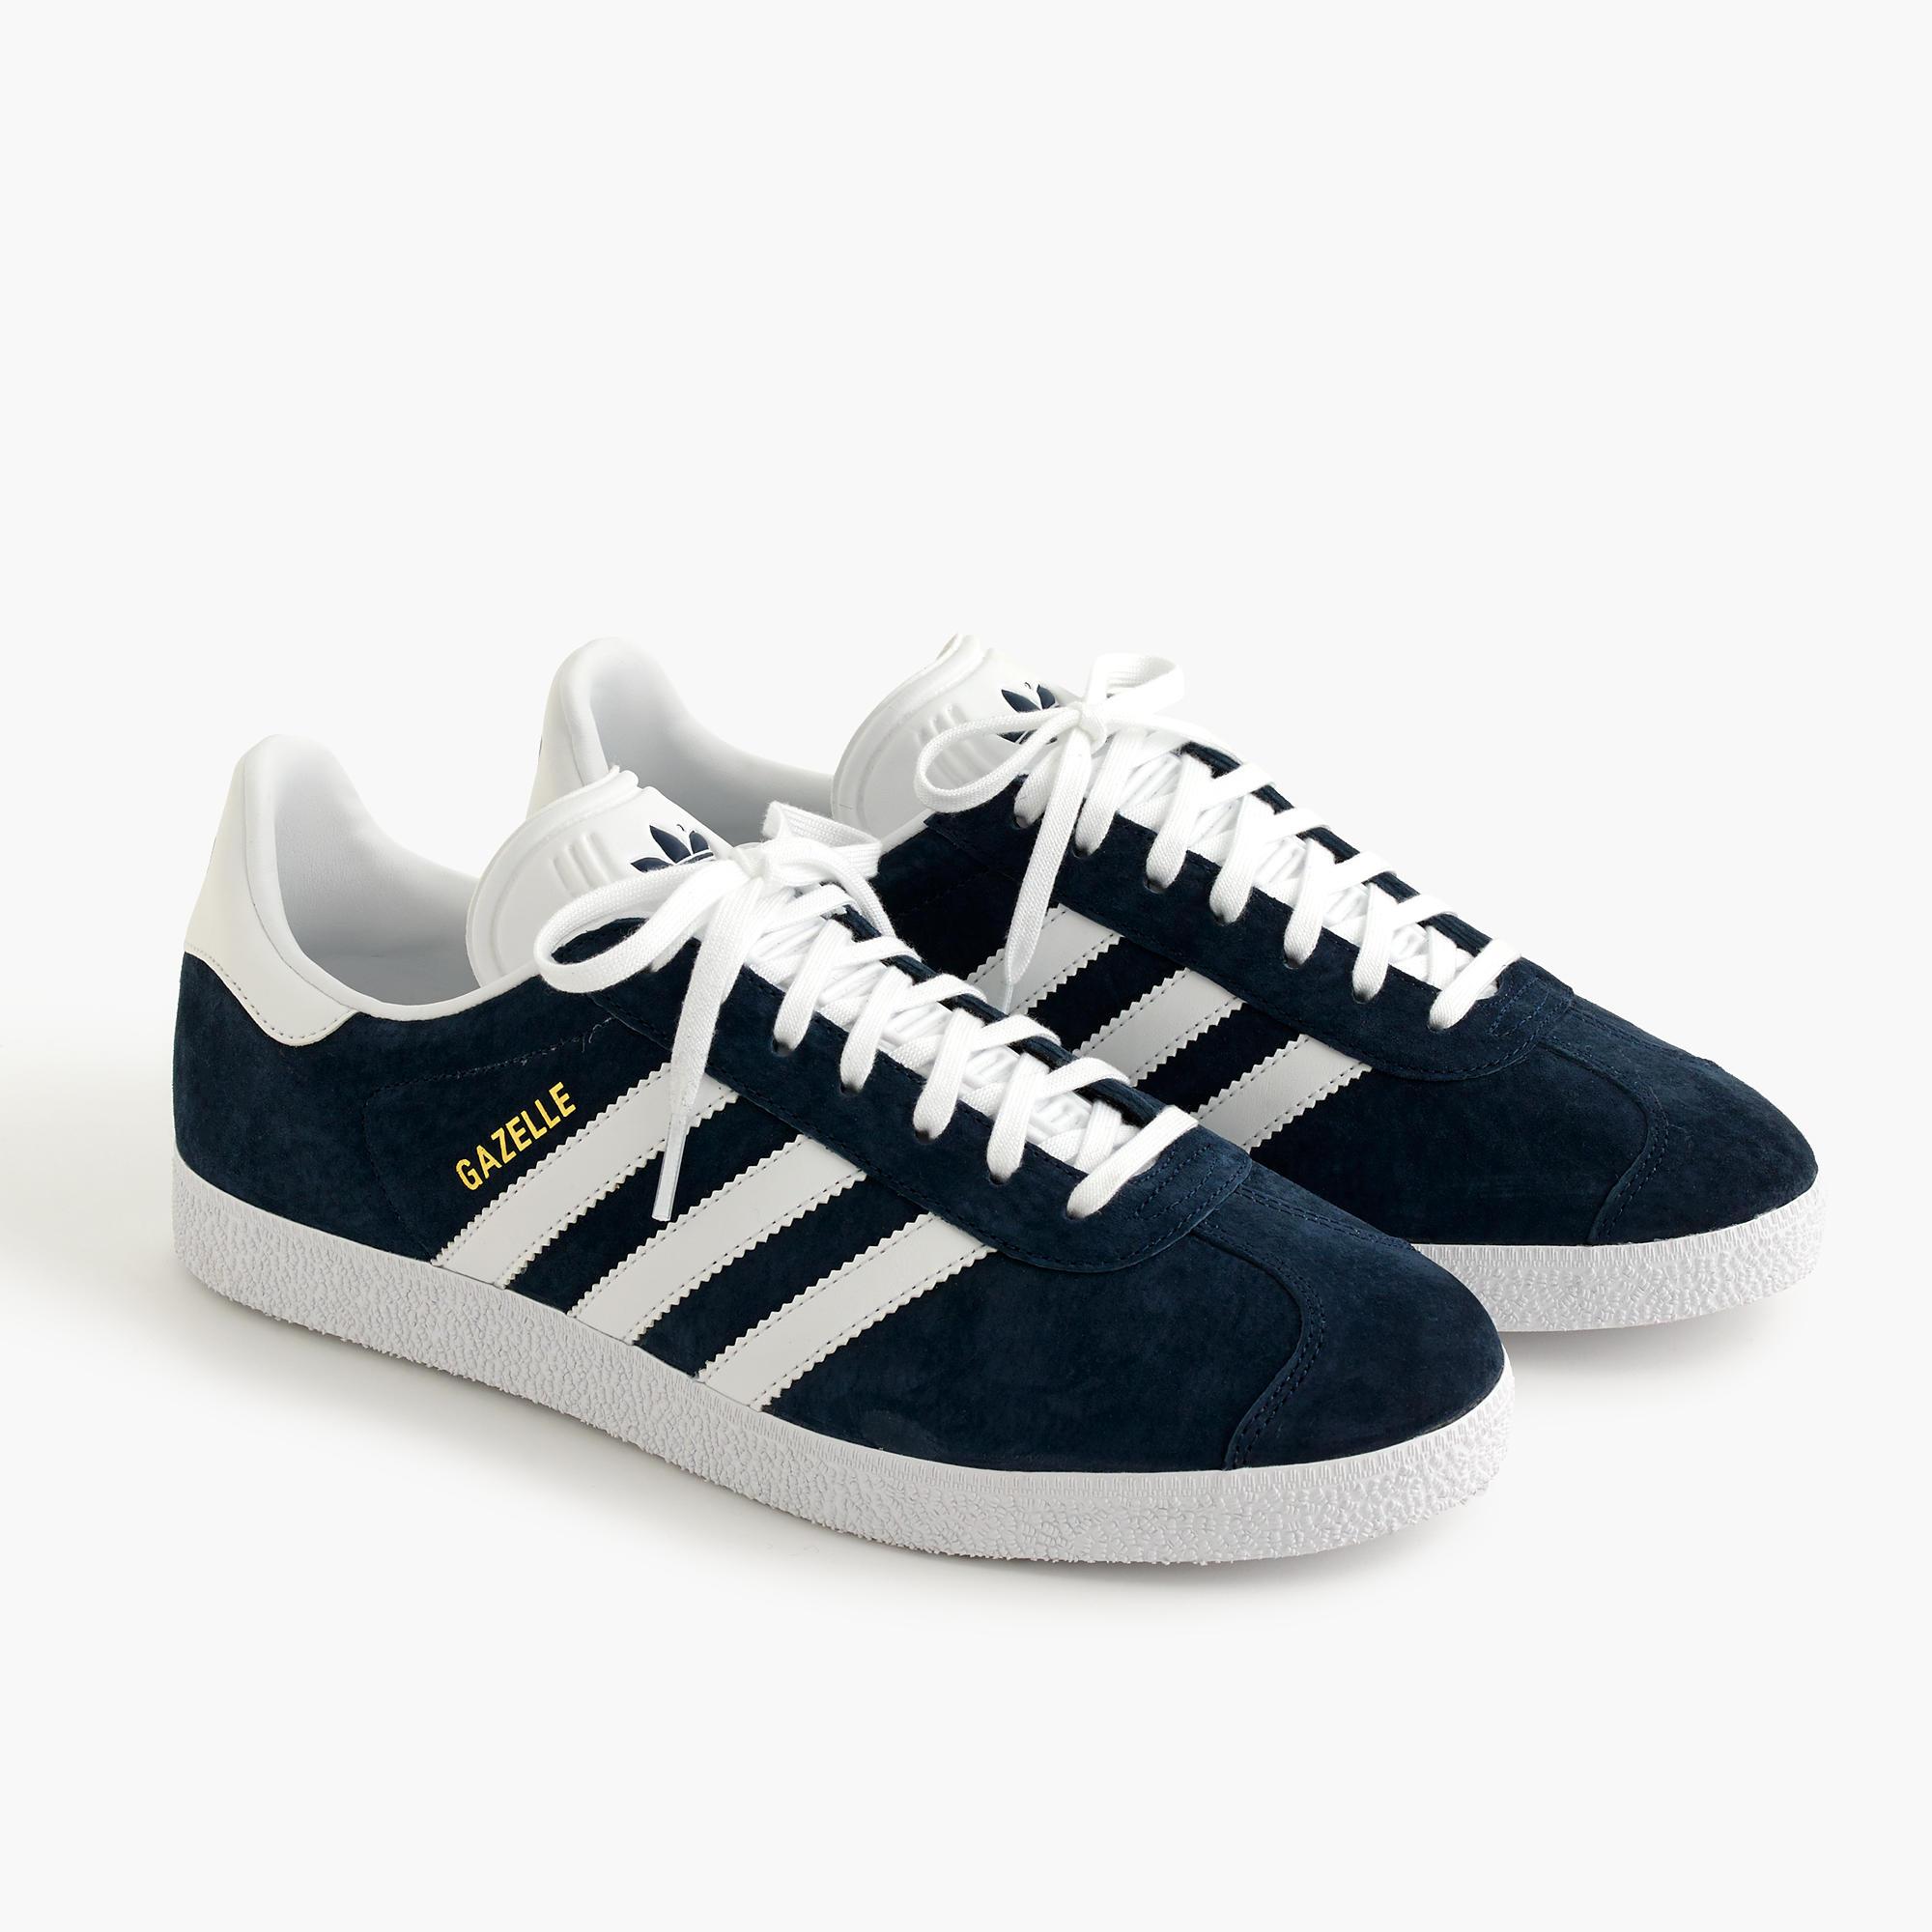 adidas gazelles adidasu0026reg; gazelleu0026reg; sneakers; adidasu0026reg; gazelleu0026reg; ... MGMDXBH